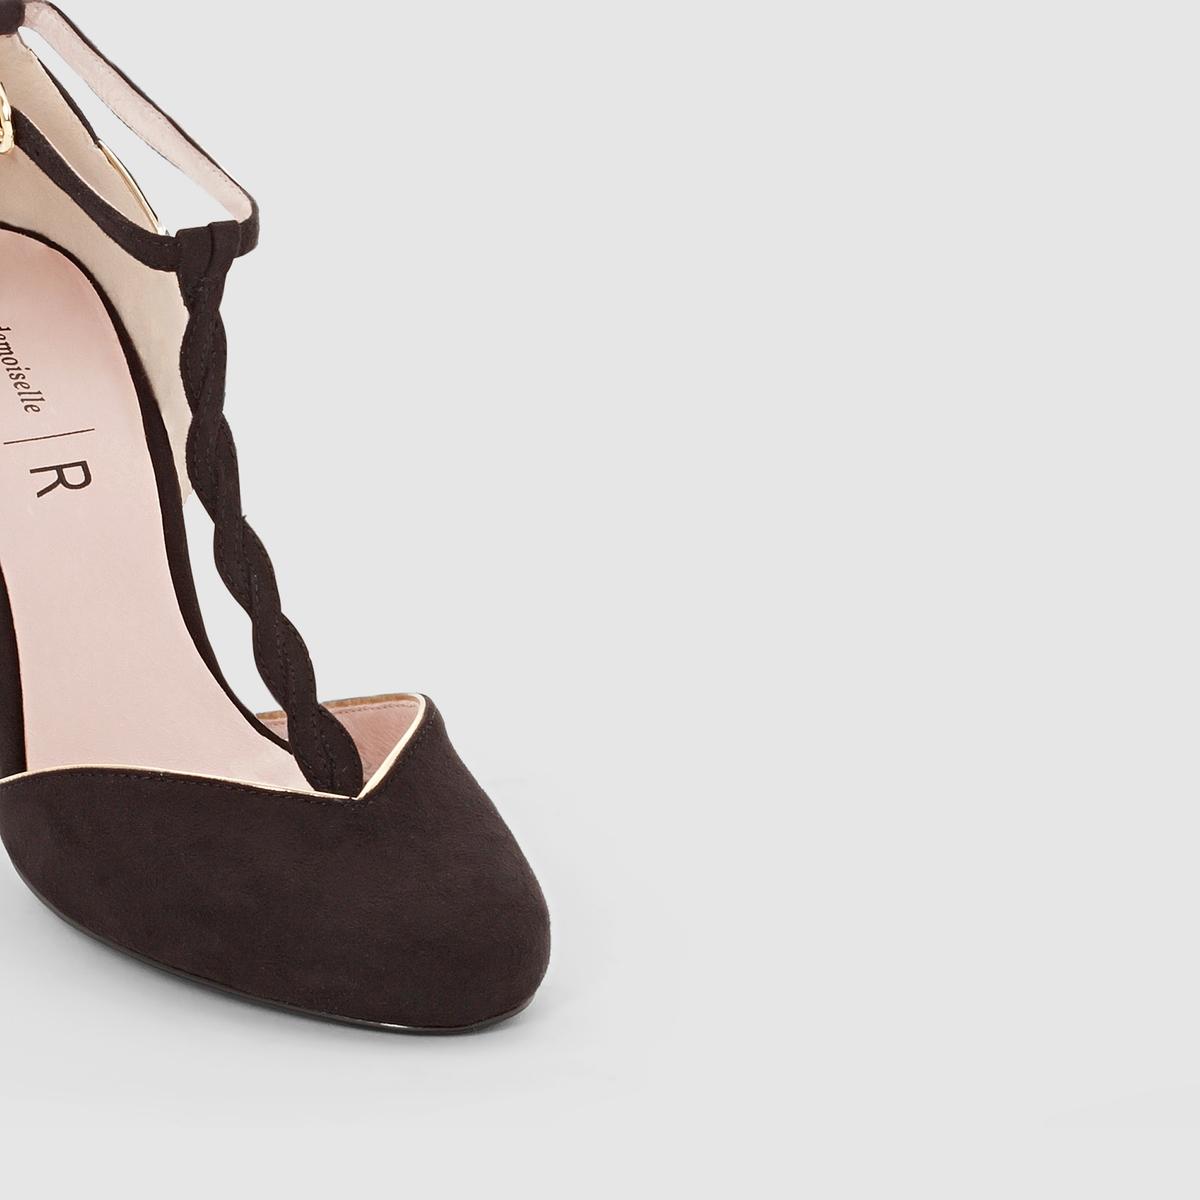 Босоножки с ремешком и шнуровкойВерх/ Голенище : Синтетический материал                 Подкладка : Кожа.                 Стелька : Кожа.                 Подошва : Эластомер                 Форма каблука : высокий.                 Мысок : Закругленный                 Застежка : Ремешок/пряжка     Марка: Mademoiselle R.         Мы рекомендуем Вам заказывать модель на один размер меньше Вашего обычного размера<br><br>Цвет: черный<br>Размер: 41